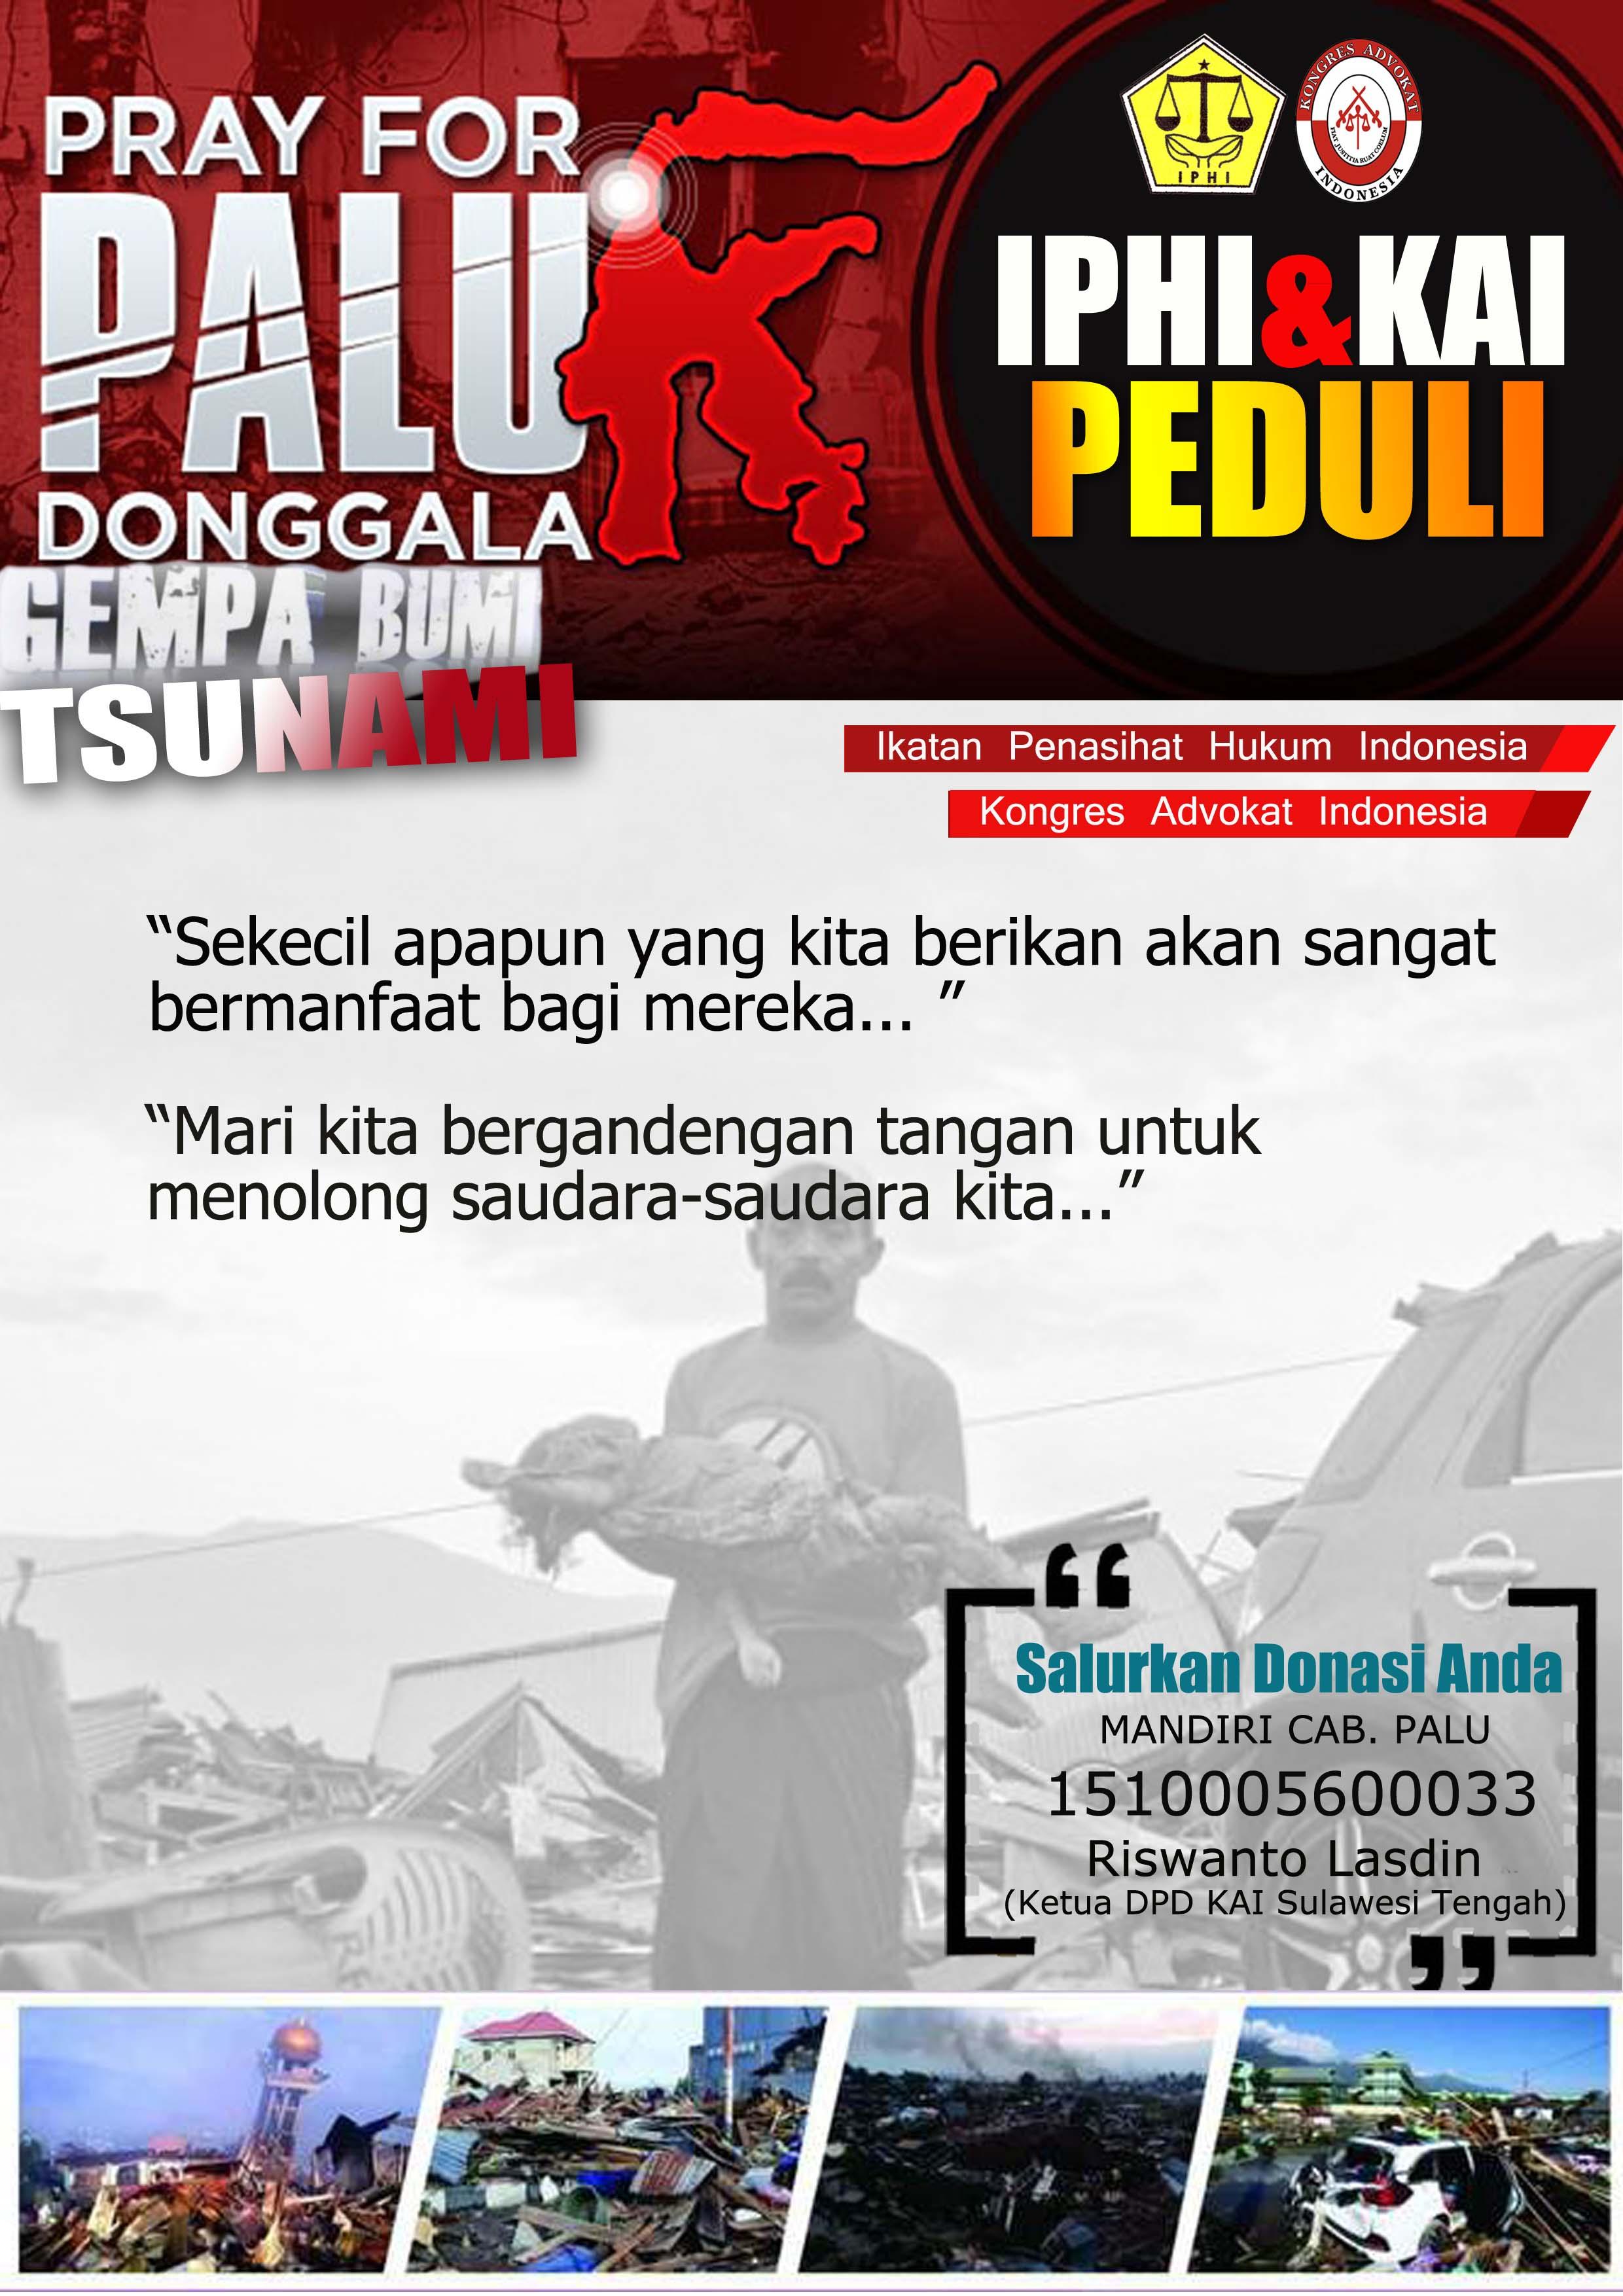 Pray for Palu Donggala